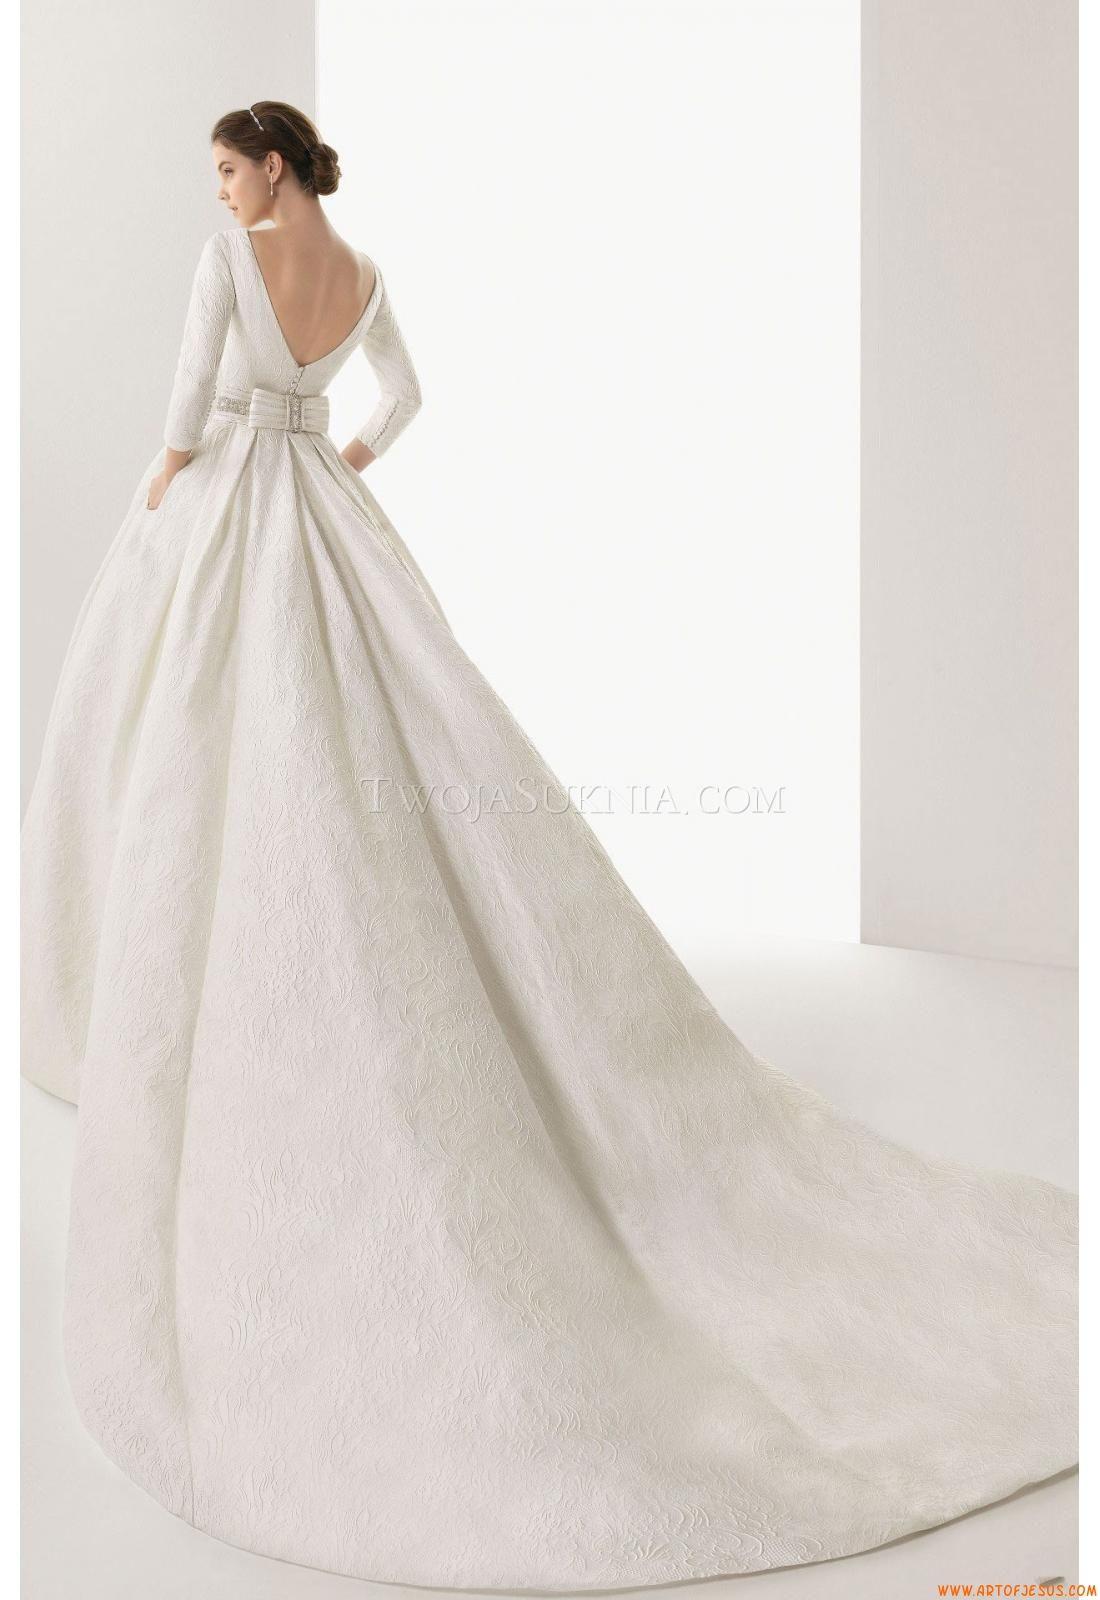 Ball gown wedding dress with sleeves  Moderne Ausgefallene Schöne Brautkleider aus Satin mit Spitze